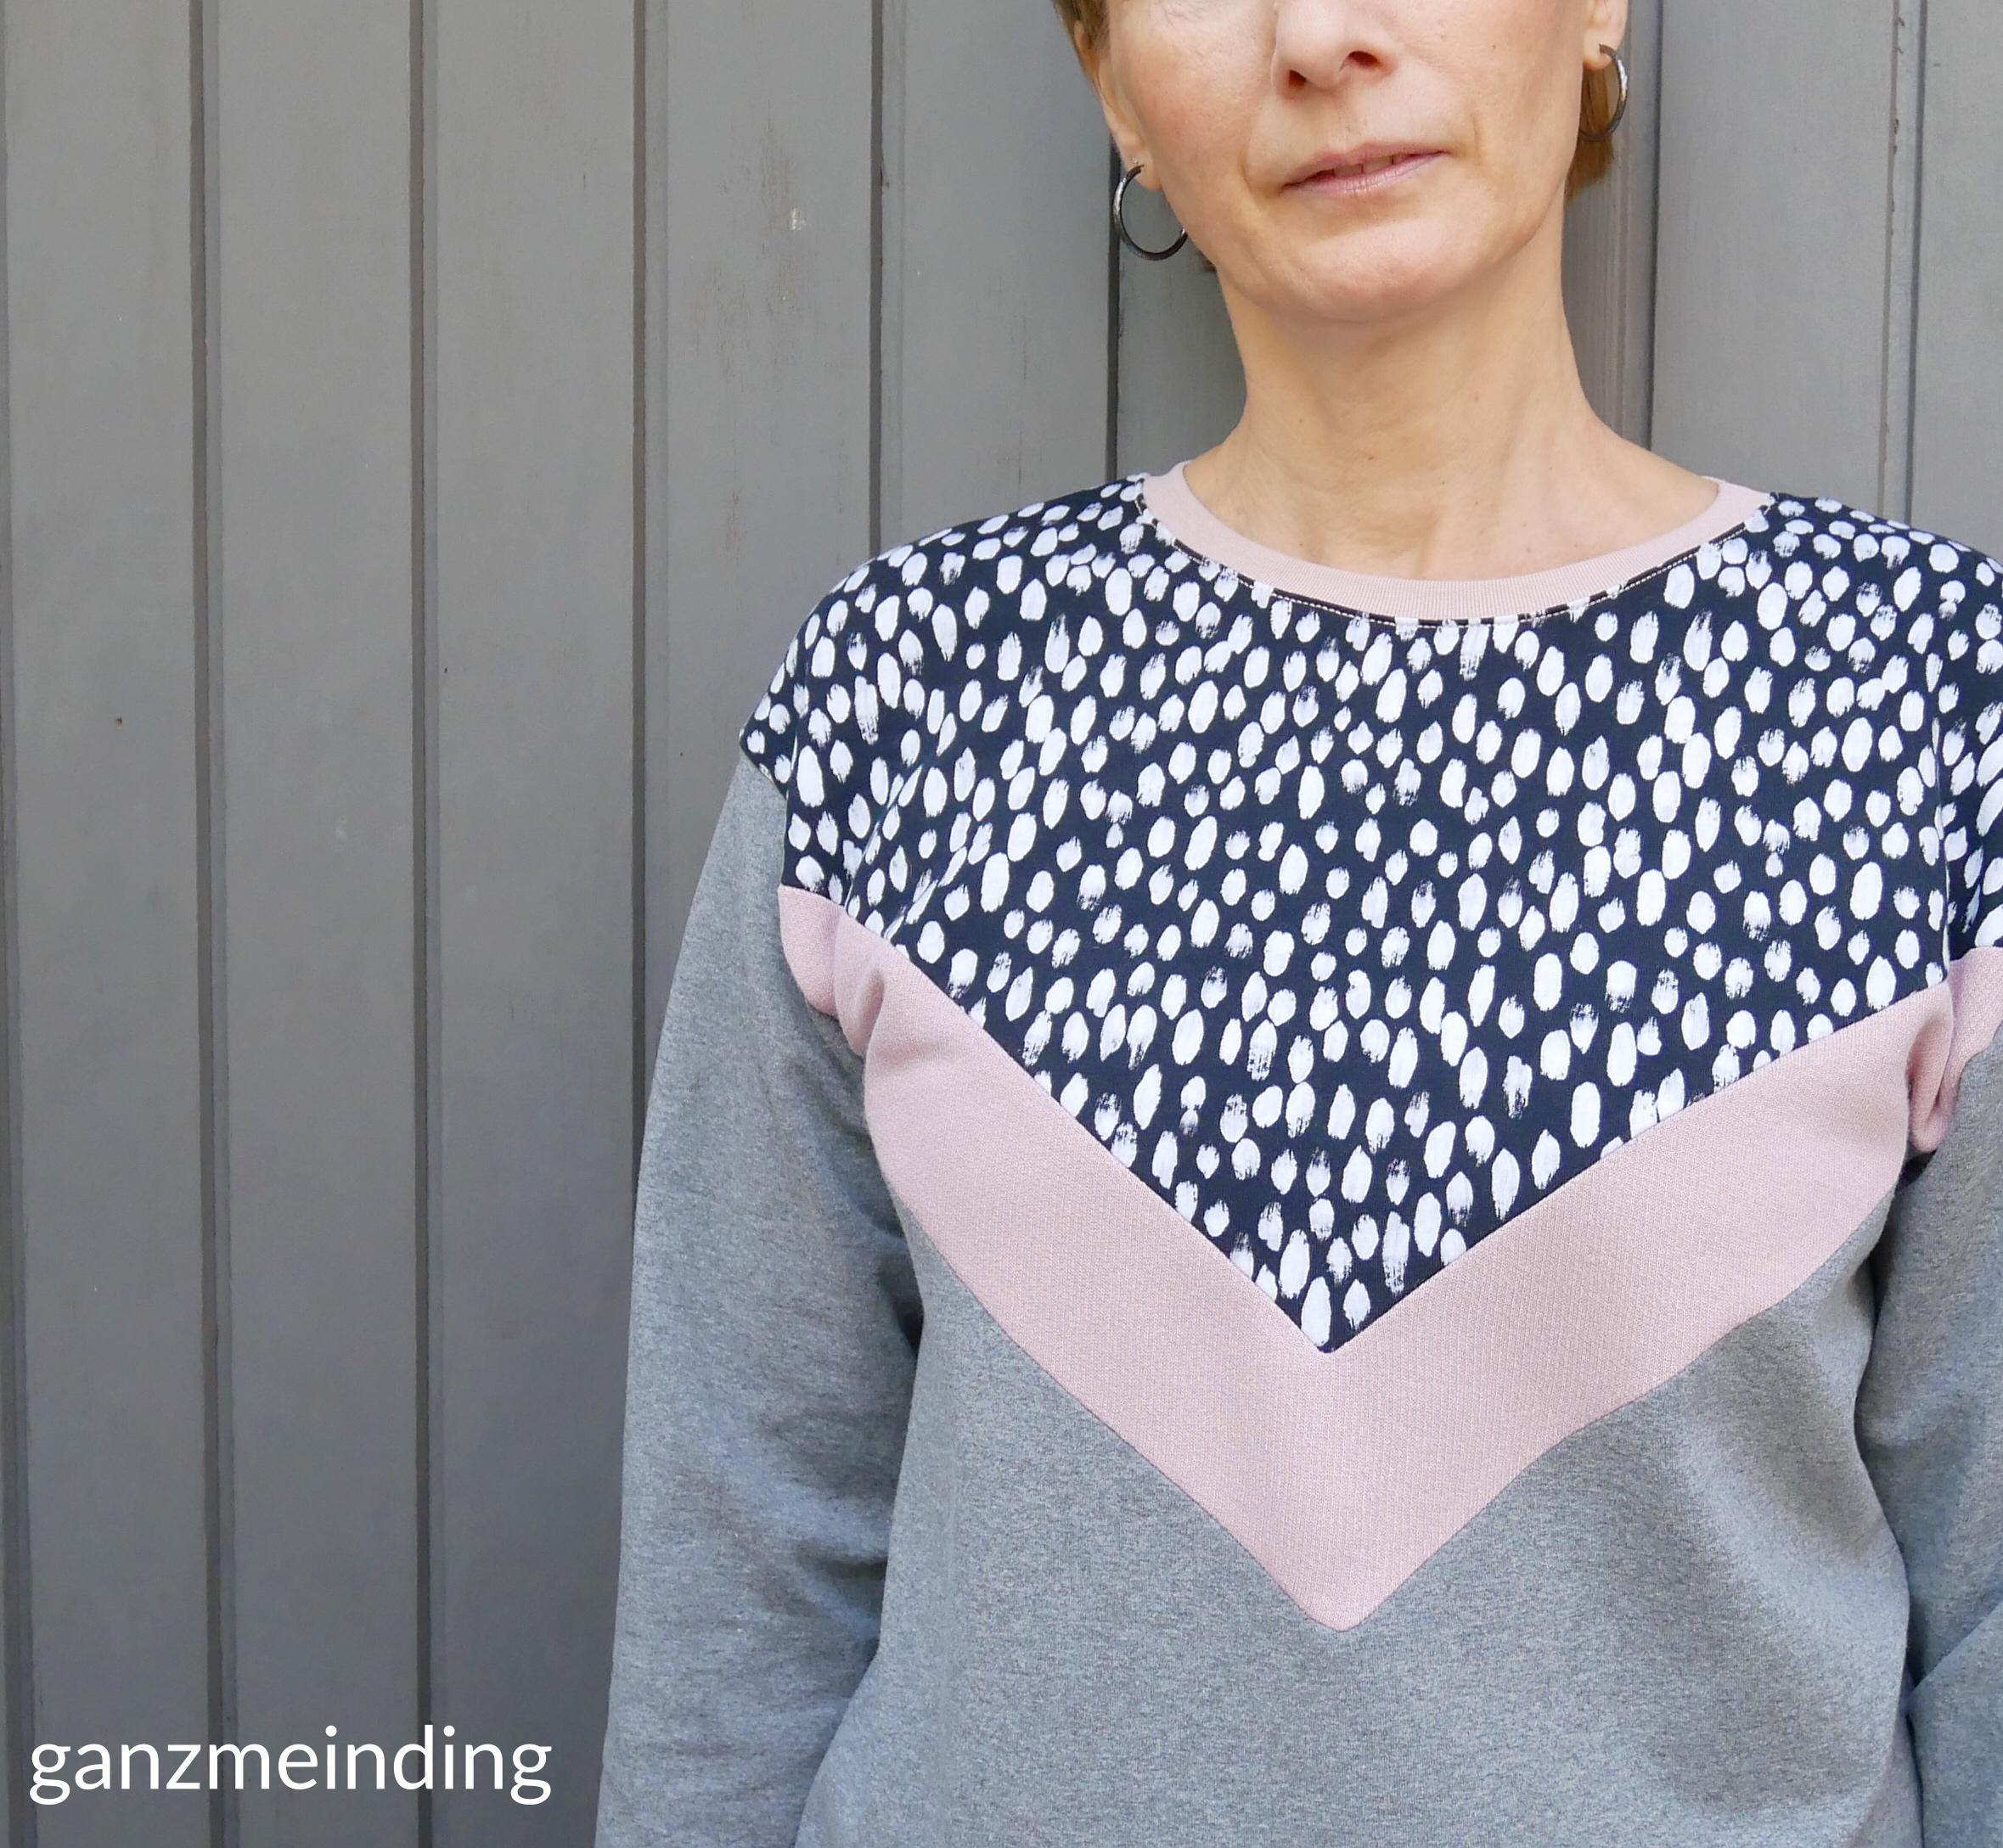 ganzmeinding: Frau Luise Hedi näht, Kleiderständer von Ziito 03